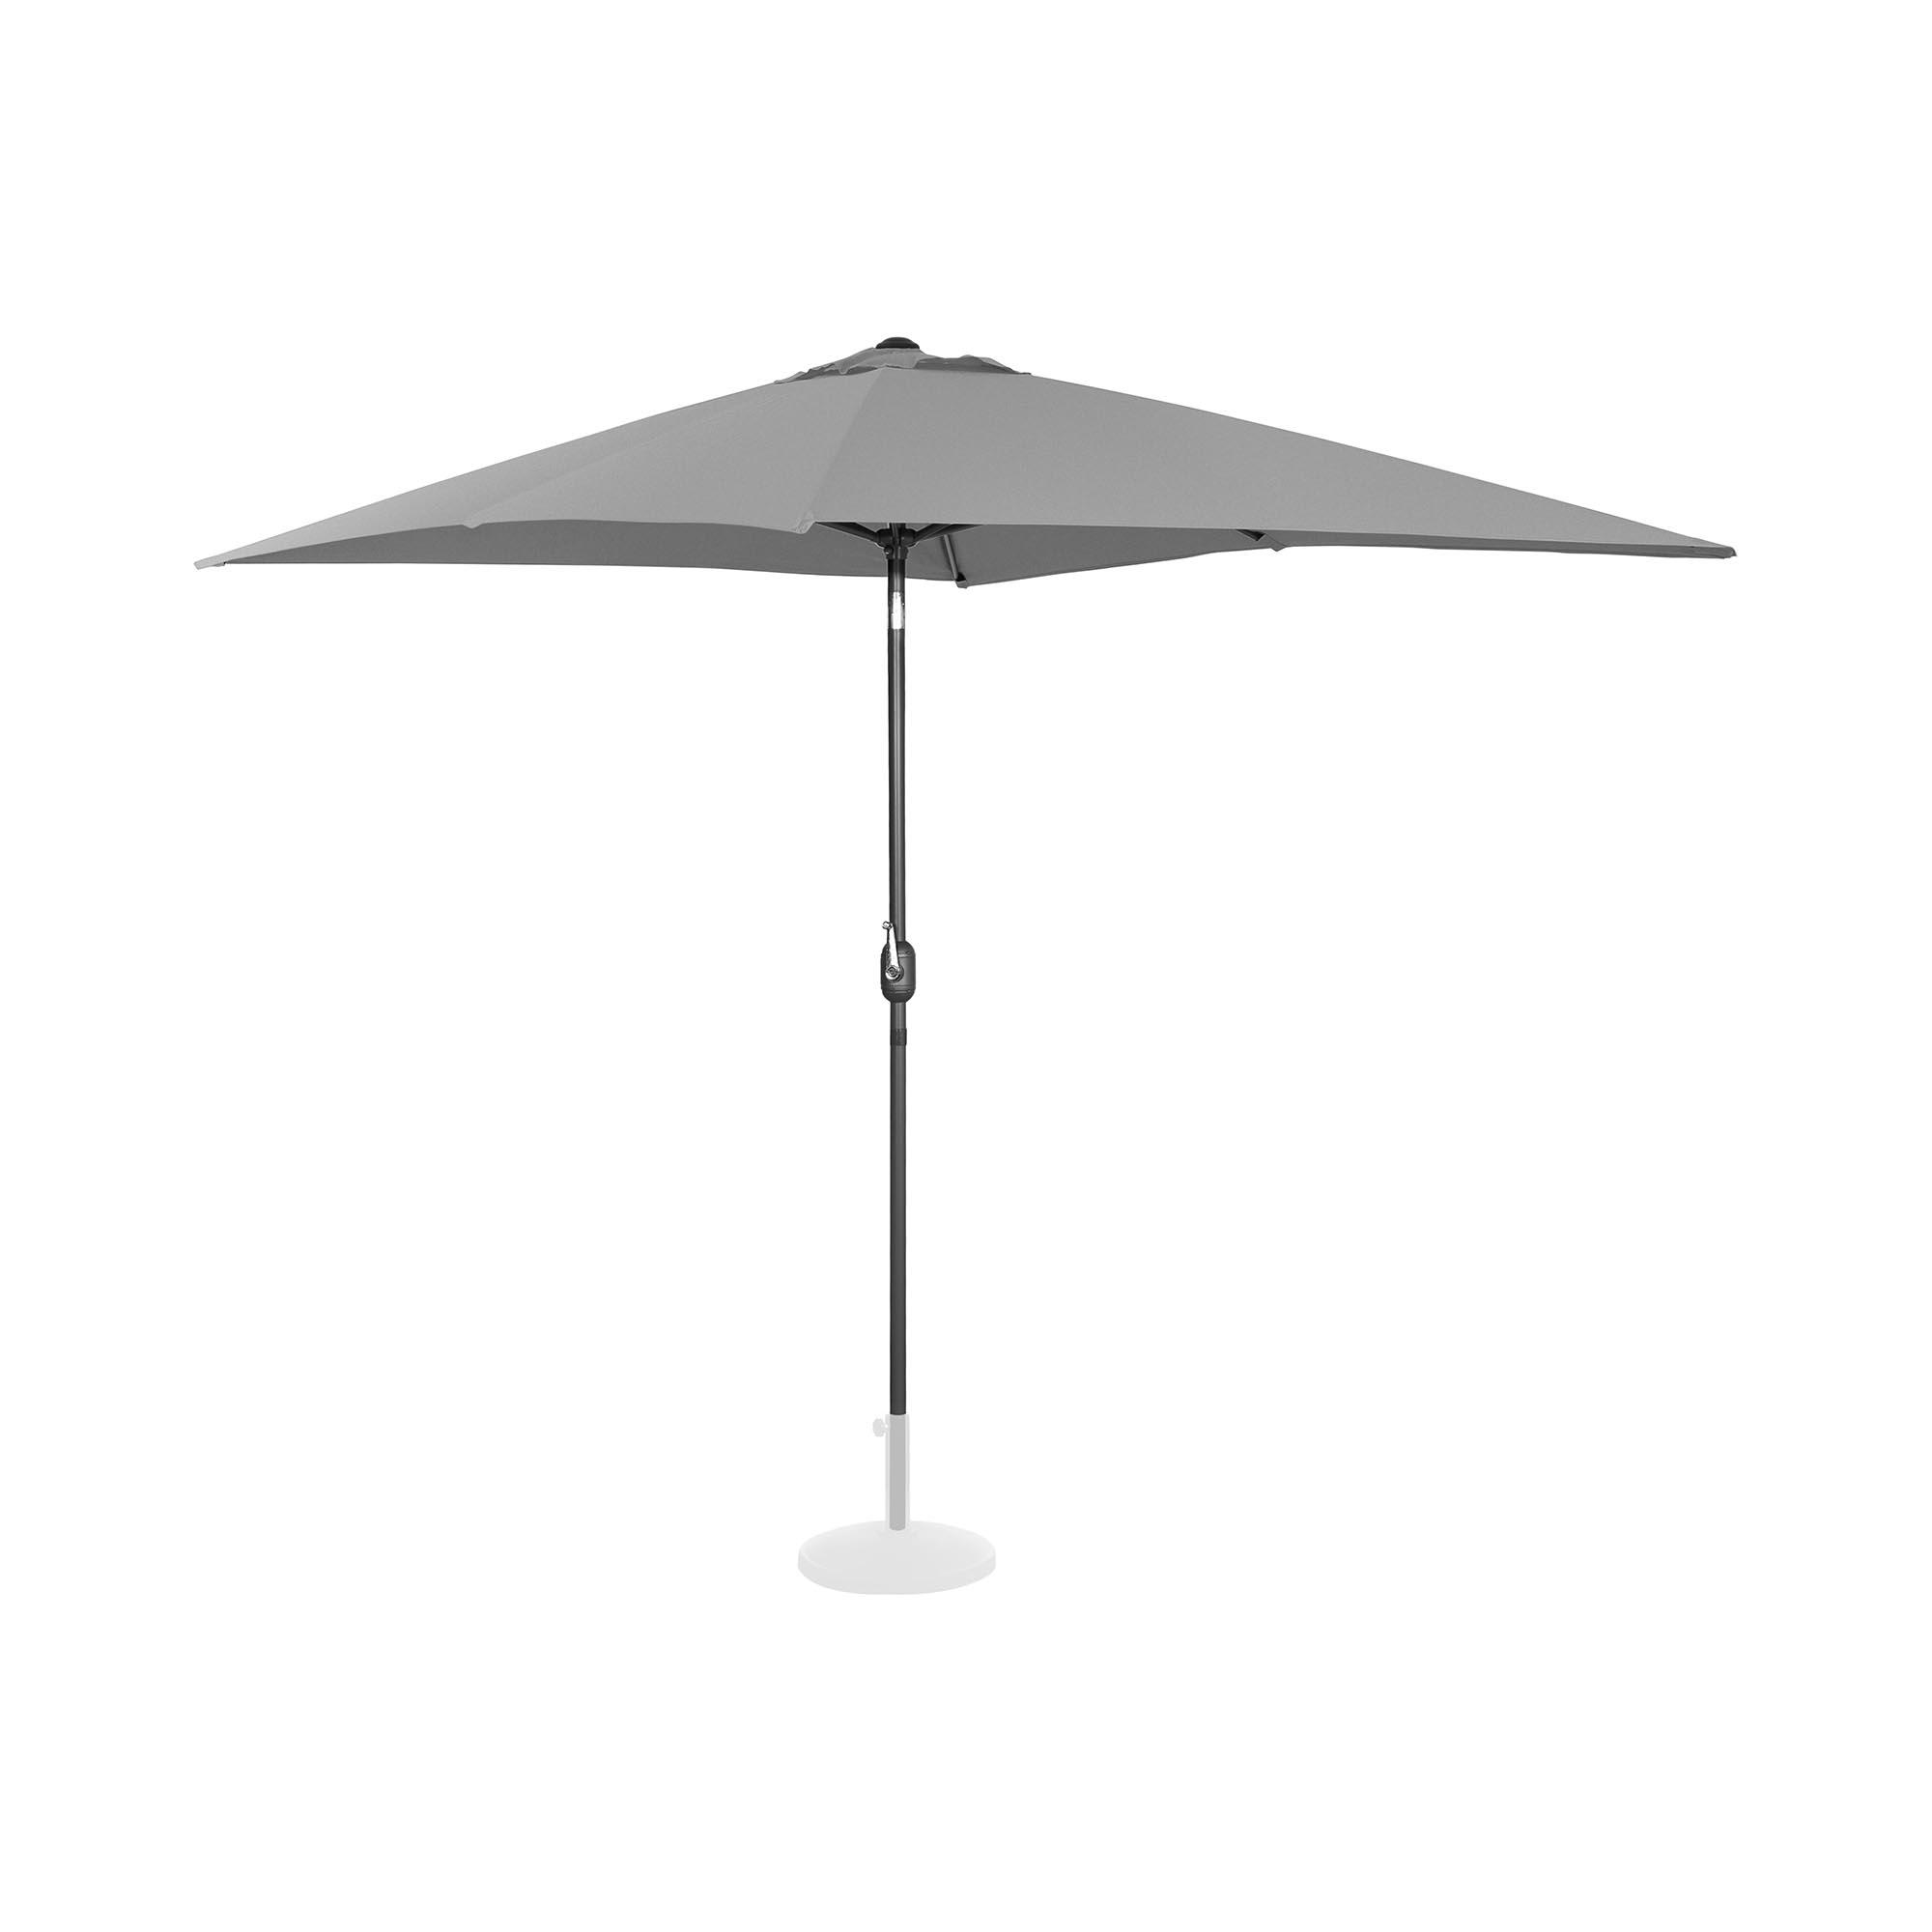 Uniprodo Sonnenschirm groß - dunkelgrau - rechteckig - 200 x 300 cm - neigbar 10250137